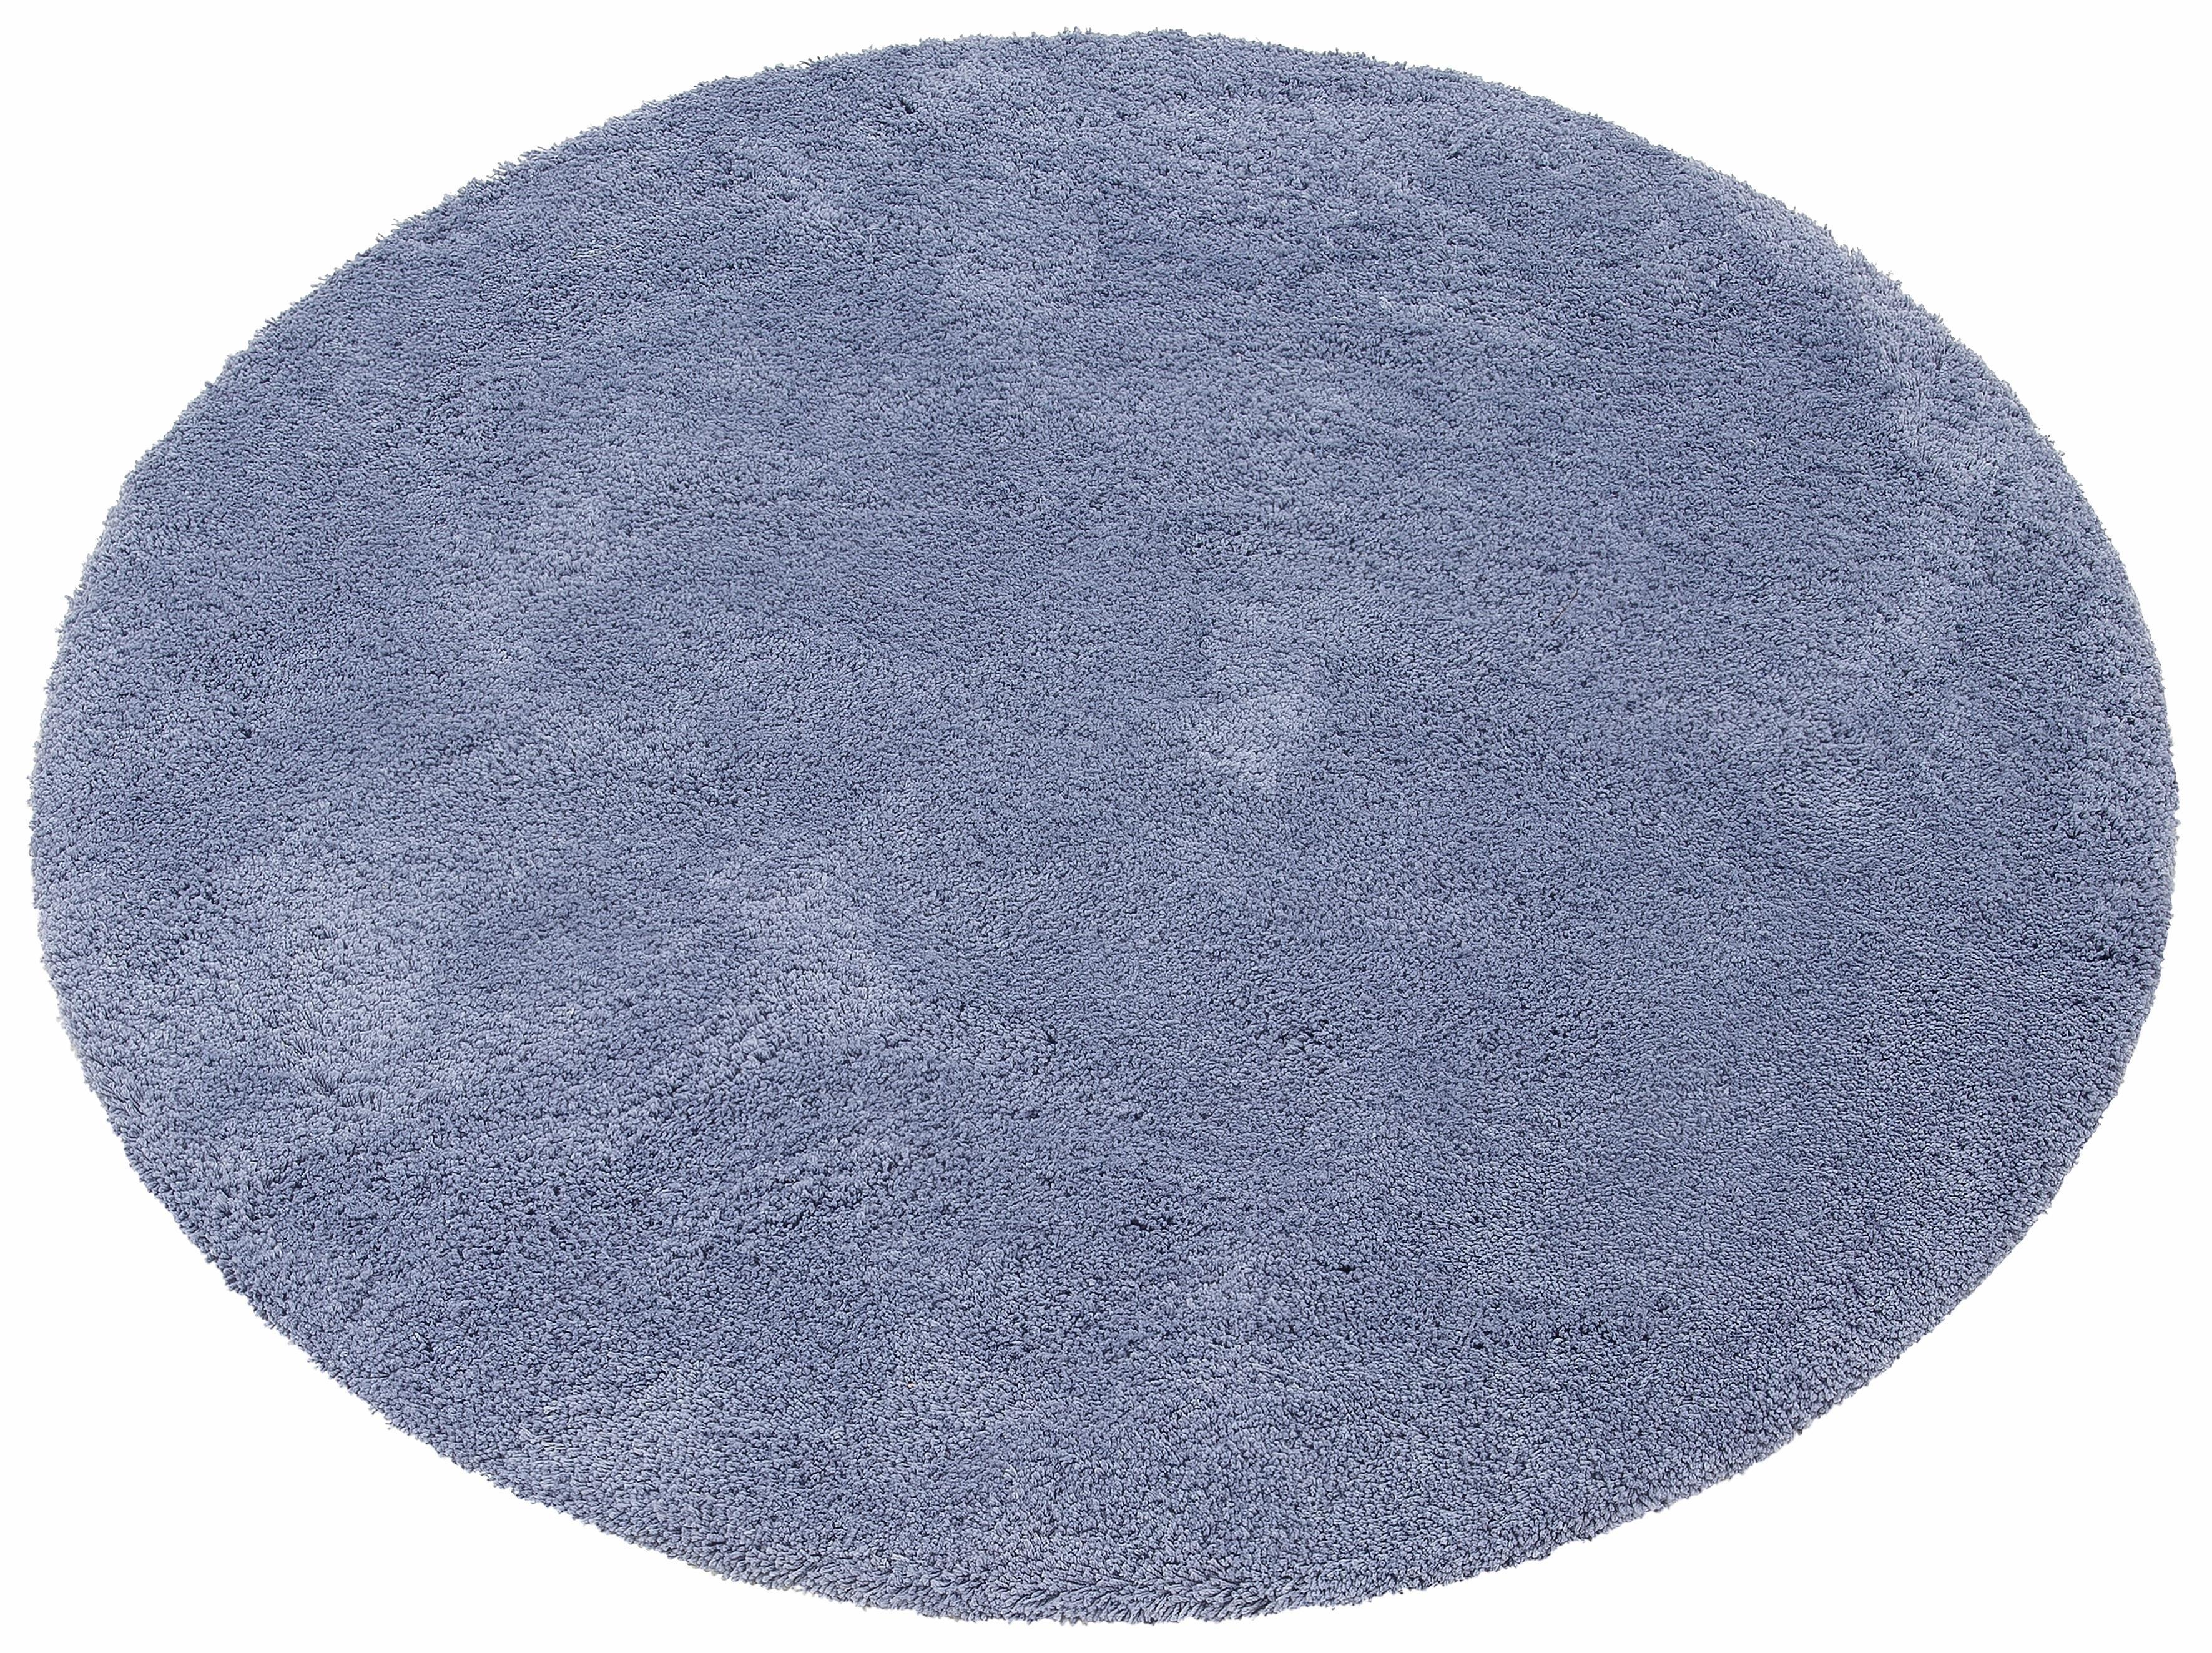 my home hoogpolig vloerkleed Desner Bijzonder zacht door microvezel, woonkamer voordelig en veilig online kopen